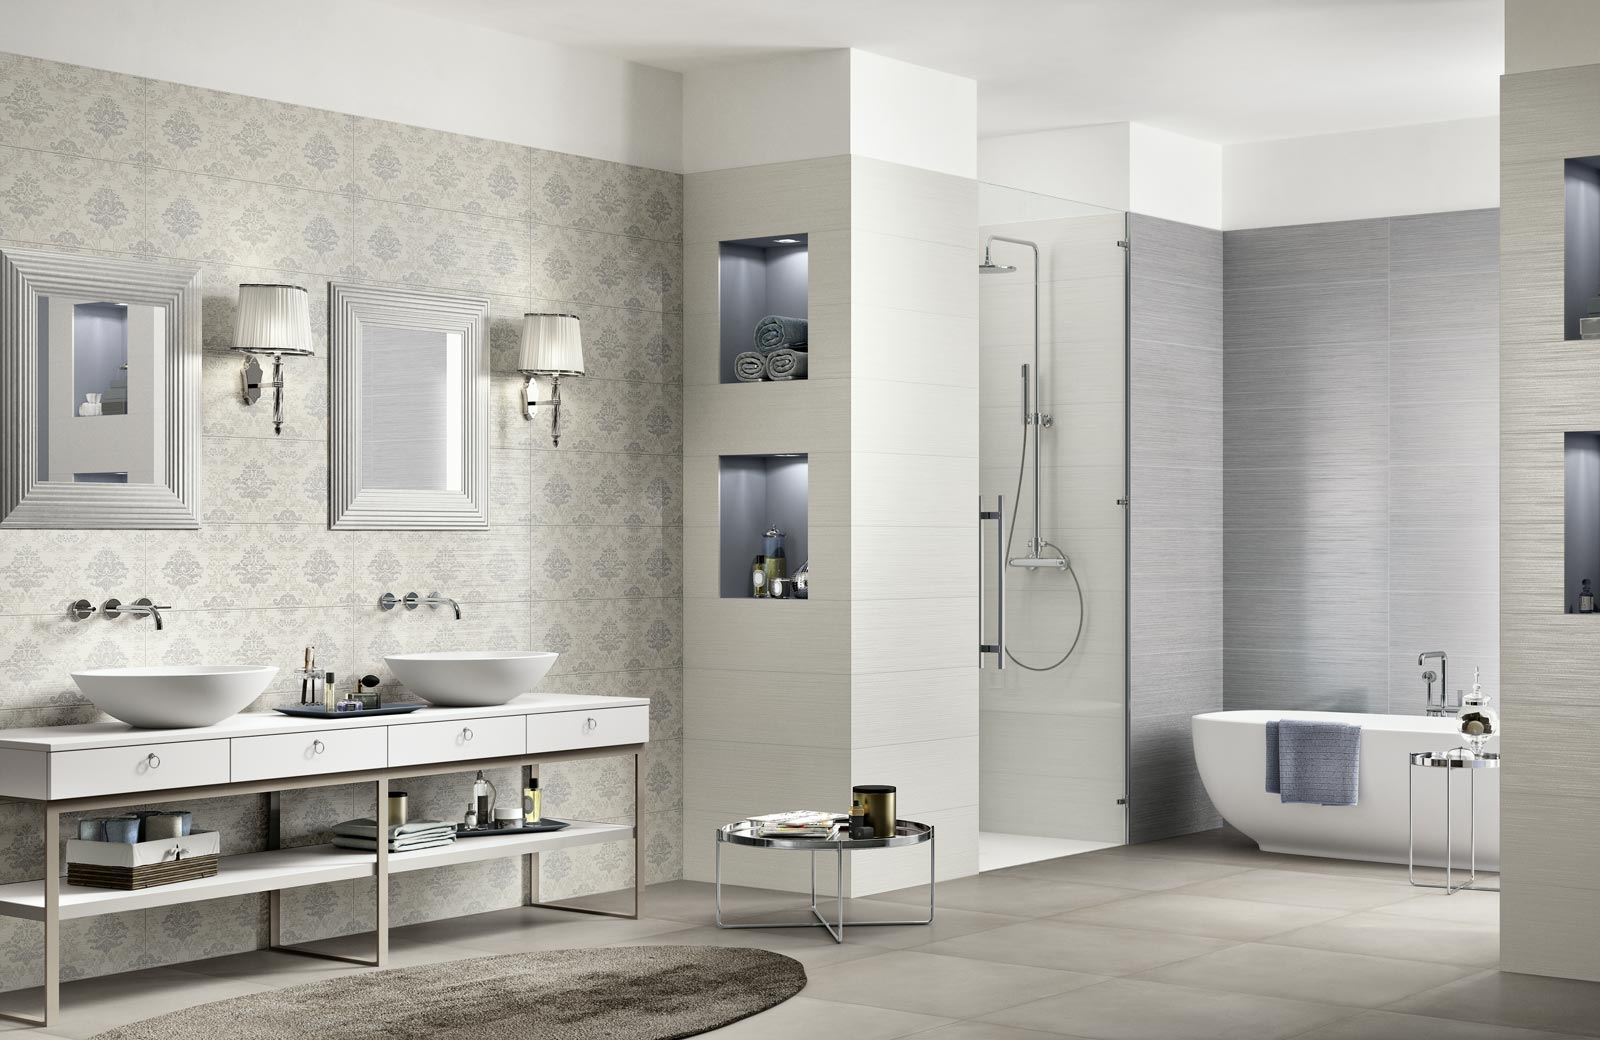 Collezione Wallpaper Rivestimenti classici per il bagno